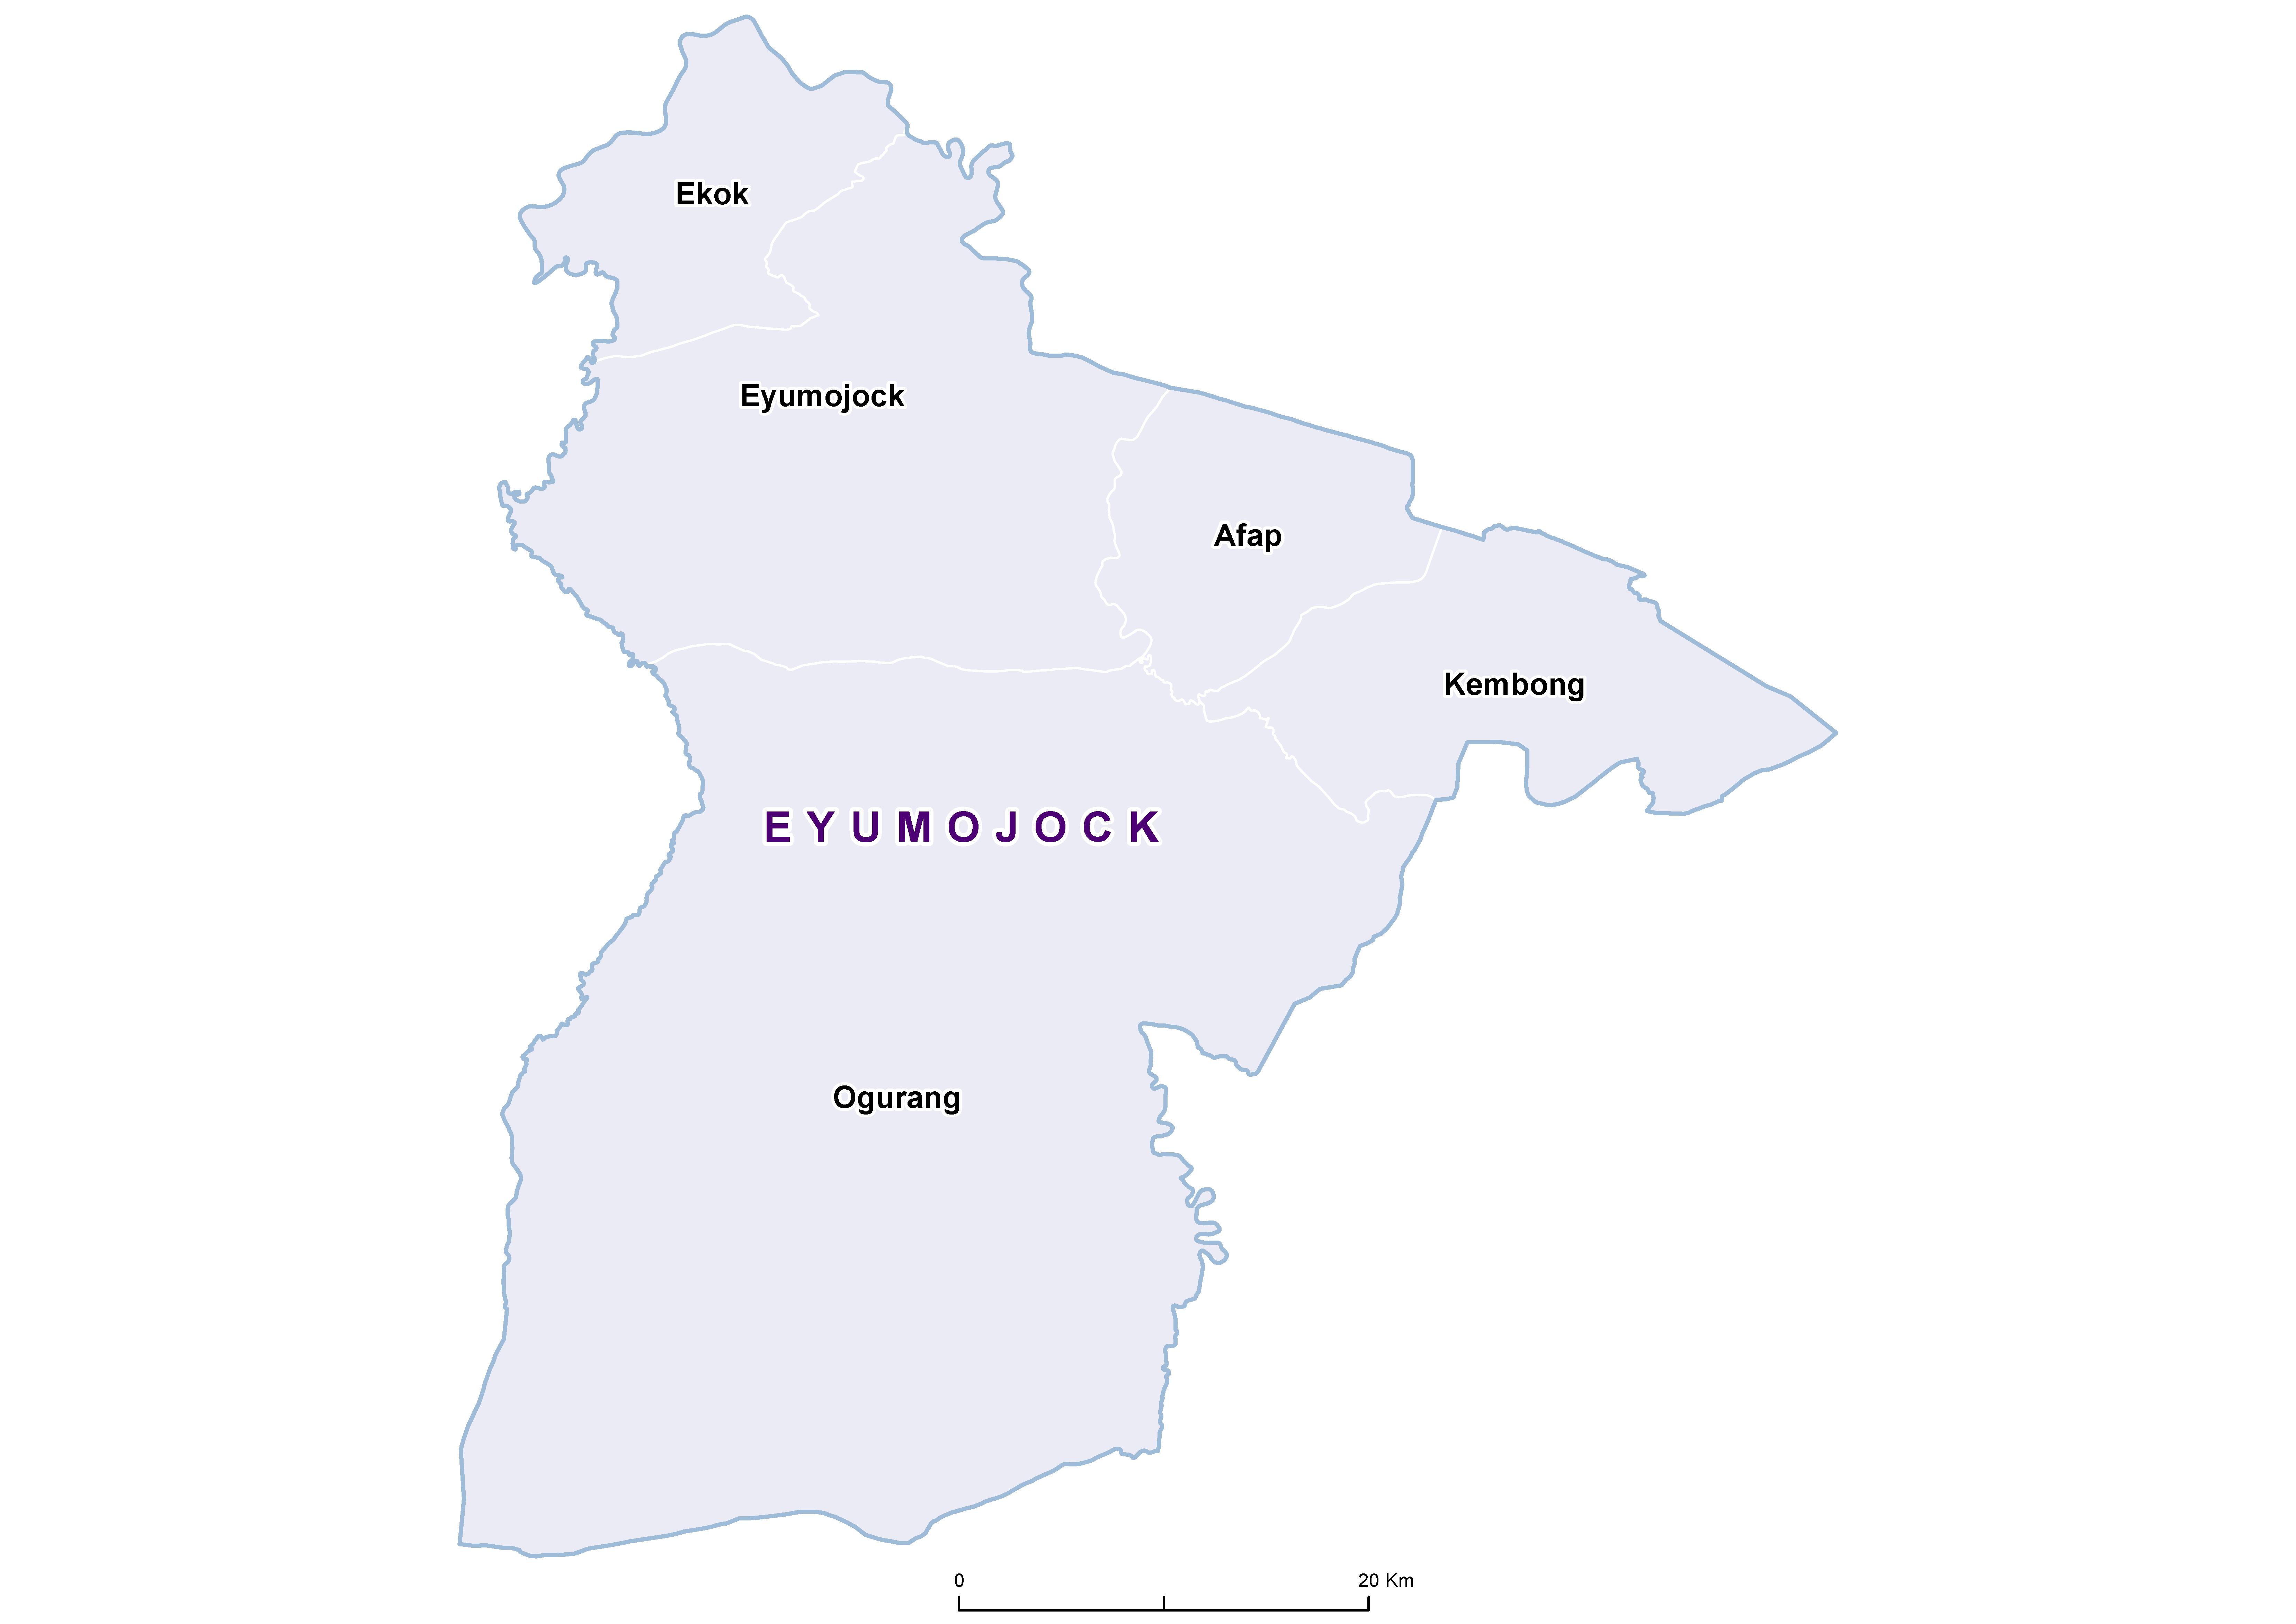 Eyumojock STH 19850001